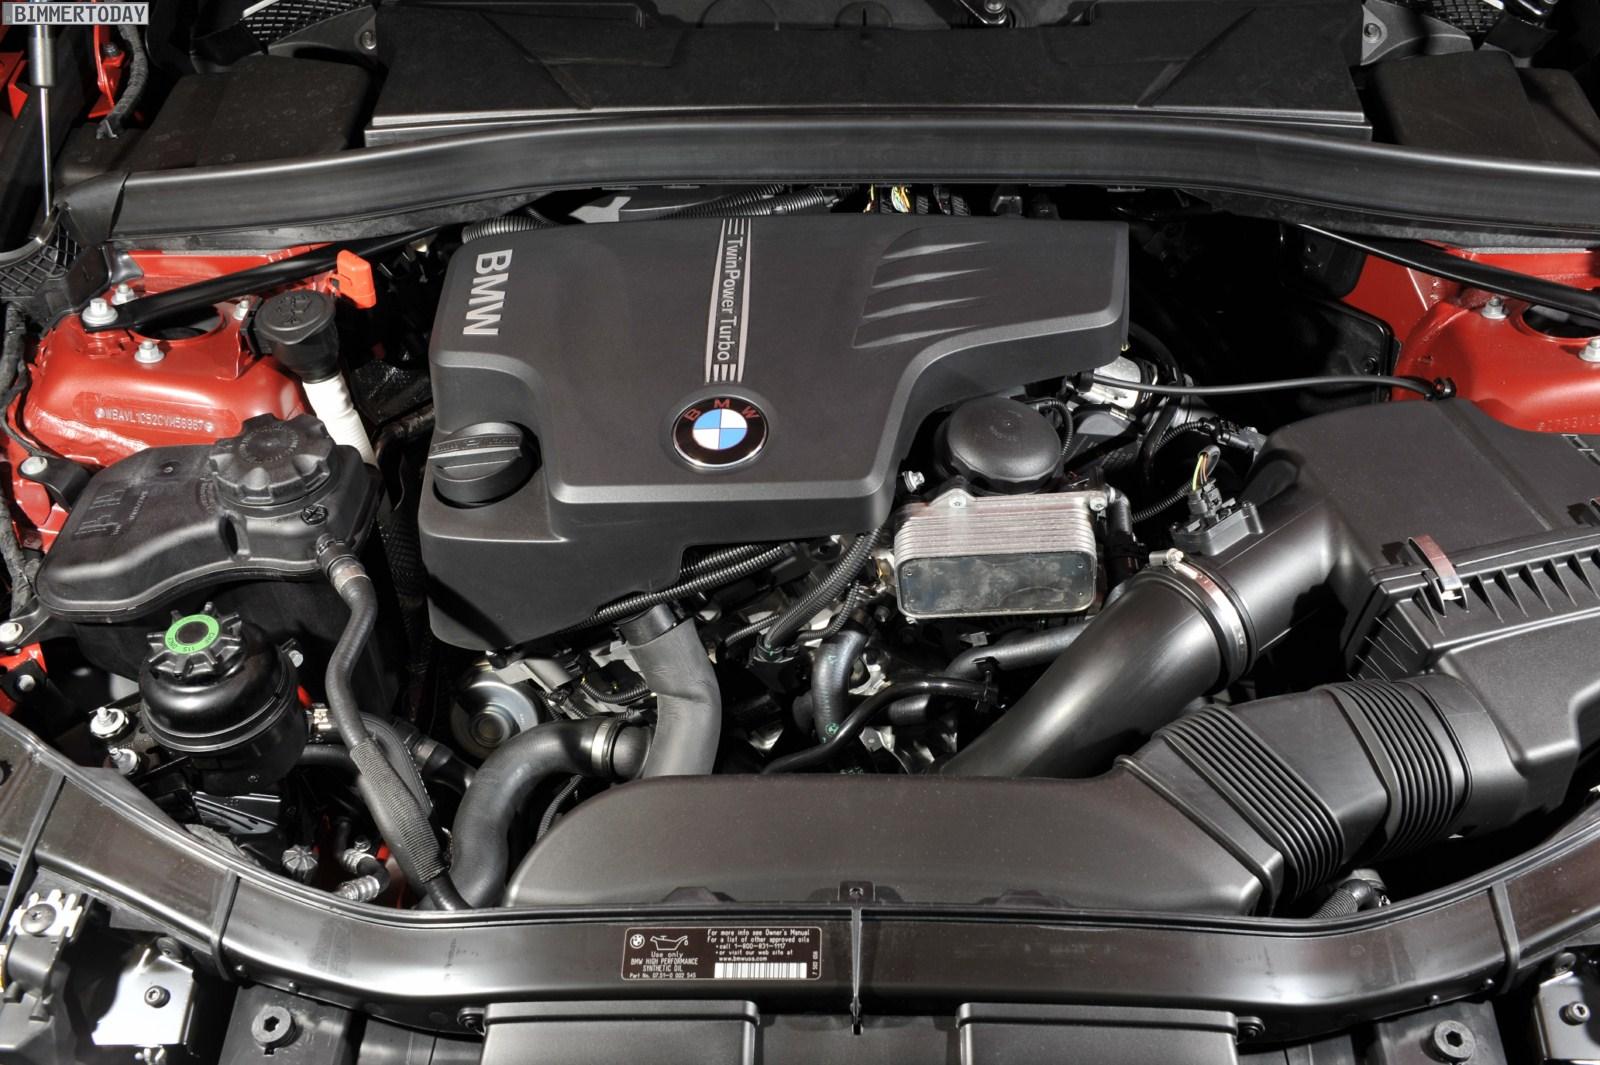 BMW N20B20 Vierzylinder TwinScroll Turbo 03 1